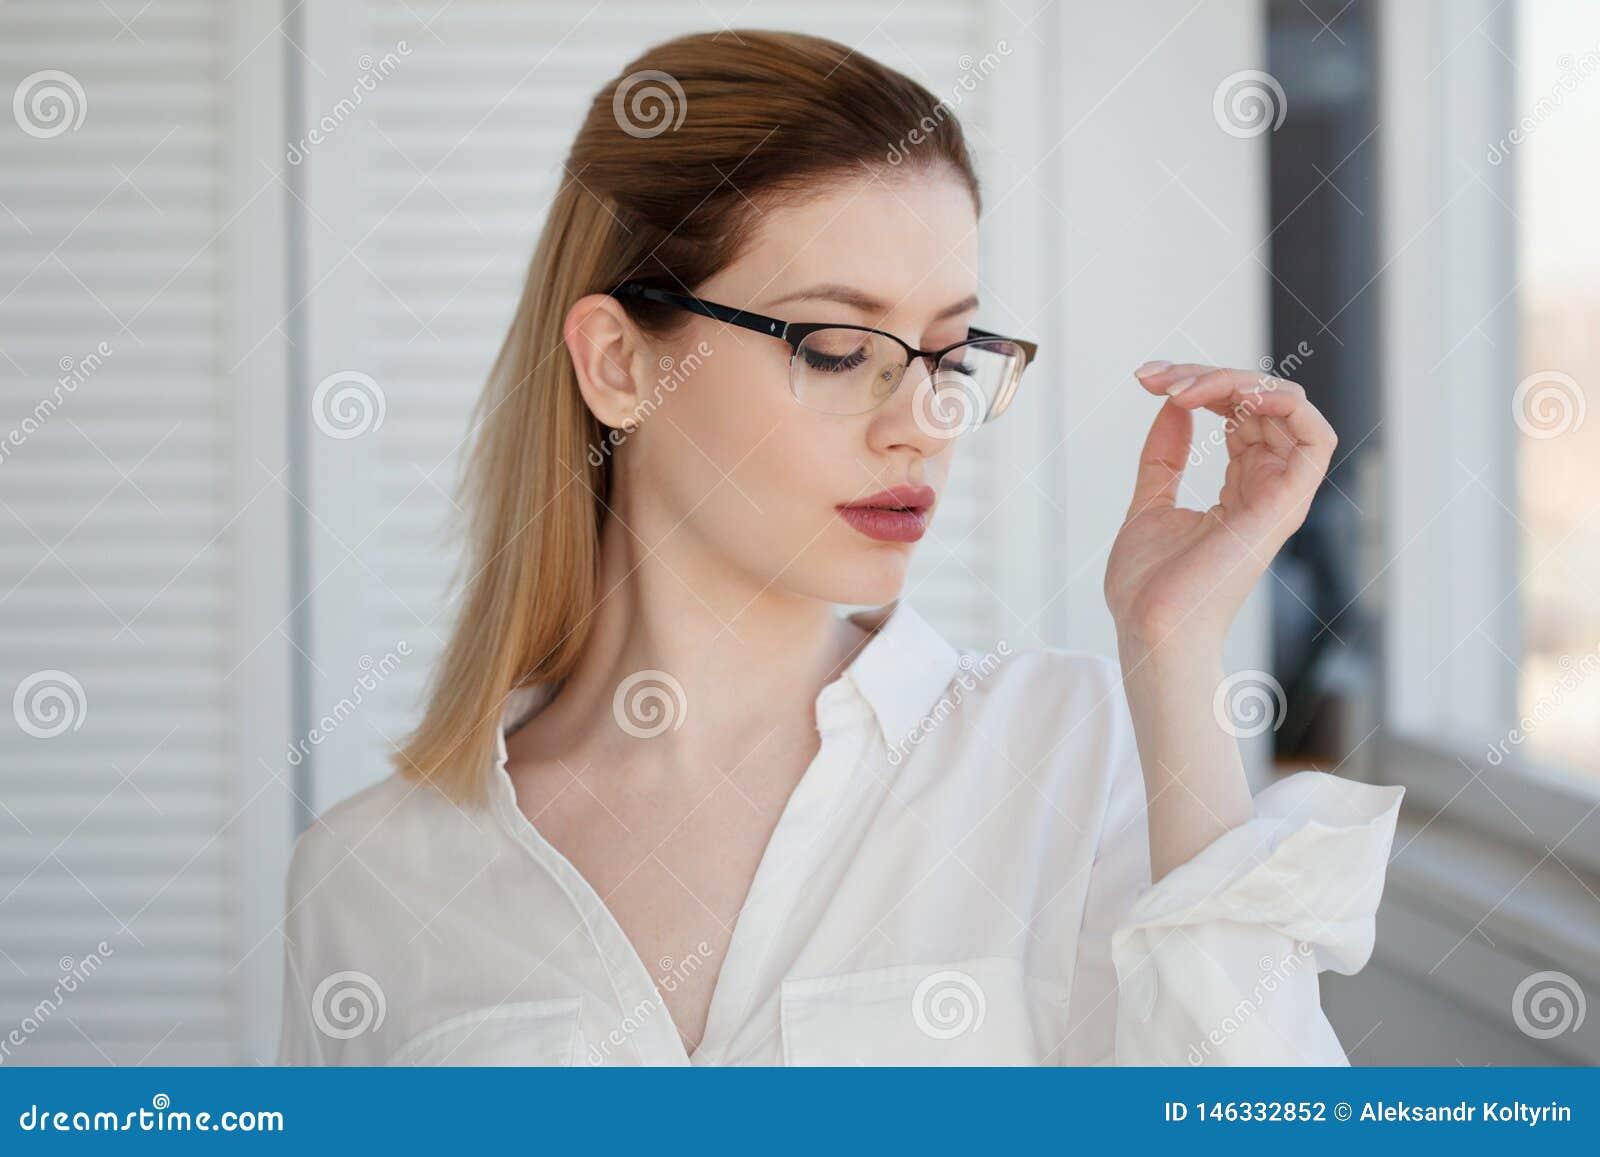 Vetri alla moda nel telaio sottile, correzione di visione Ritratto di una giovane donna